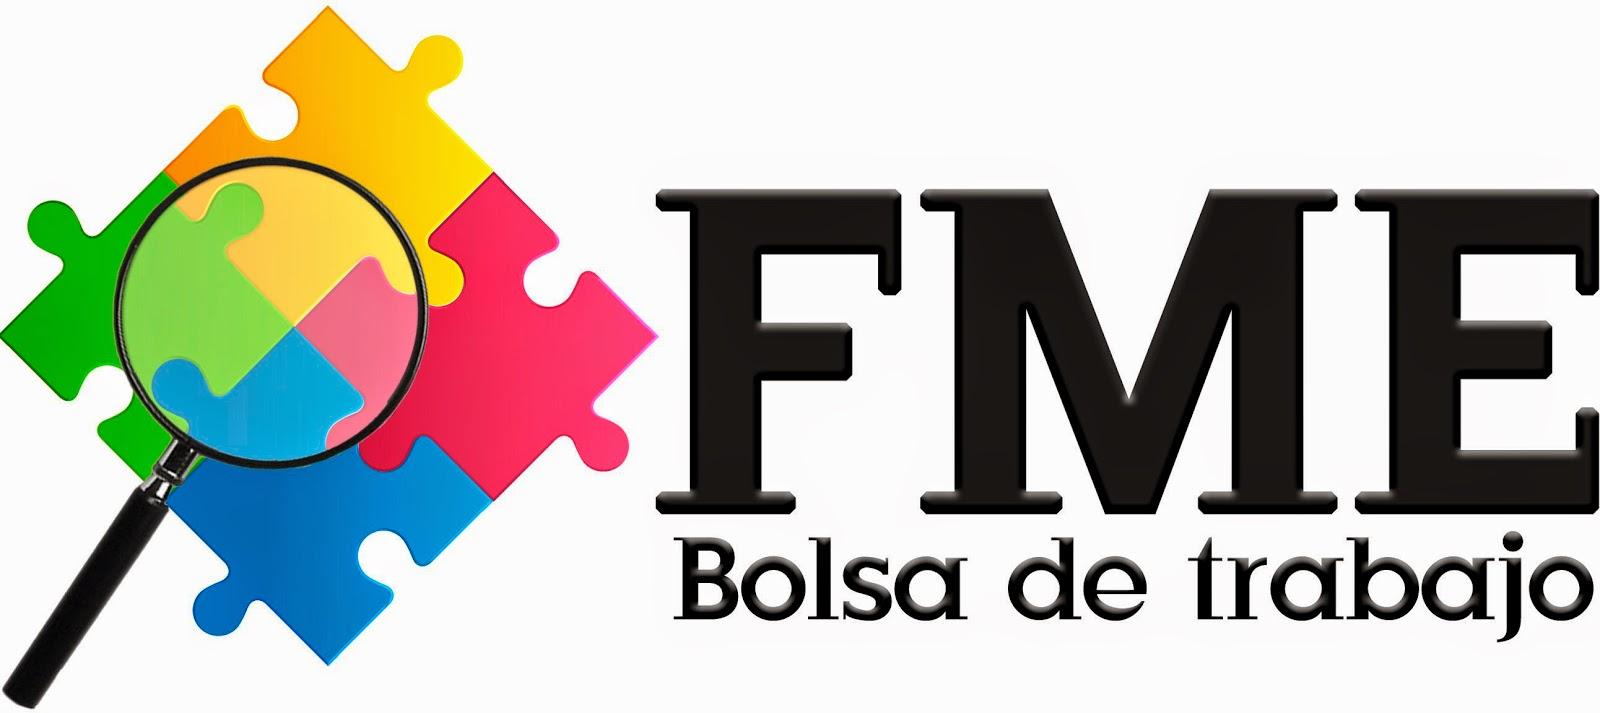 Bolsa de Trabajo Toluca, Metepec y Lerma has 26, members. Página EXCLUSIVA PARA BÚSQUEDA DE EMPLEO Y PUBLICACIÓN DE VACANTES, cualquier publicación.